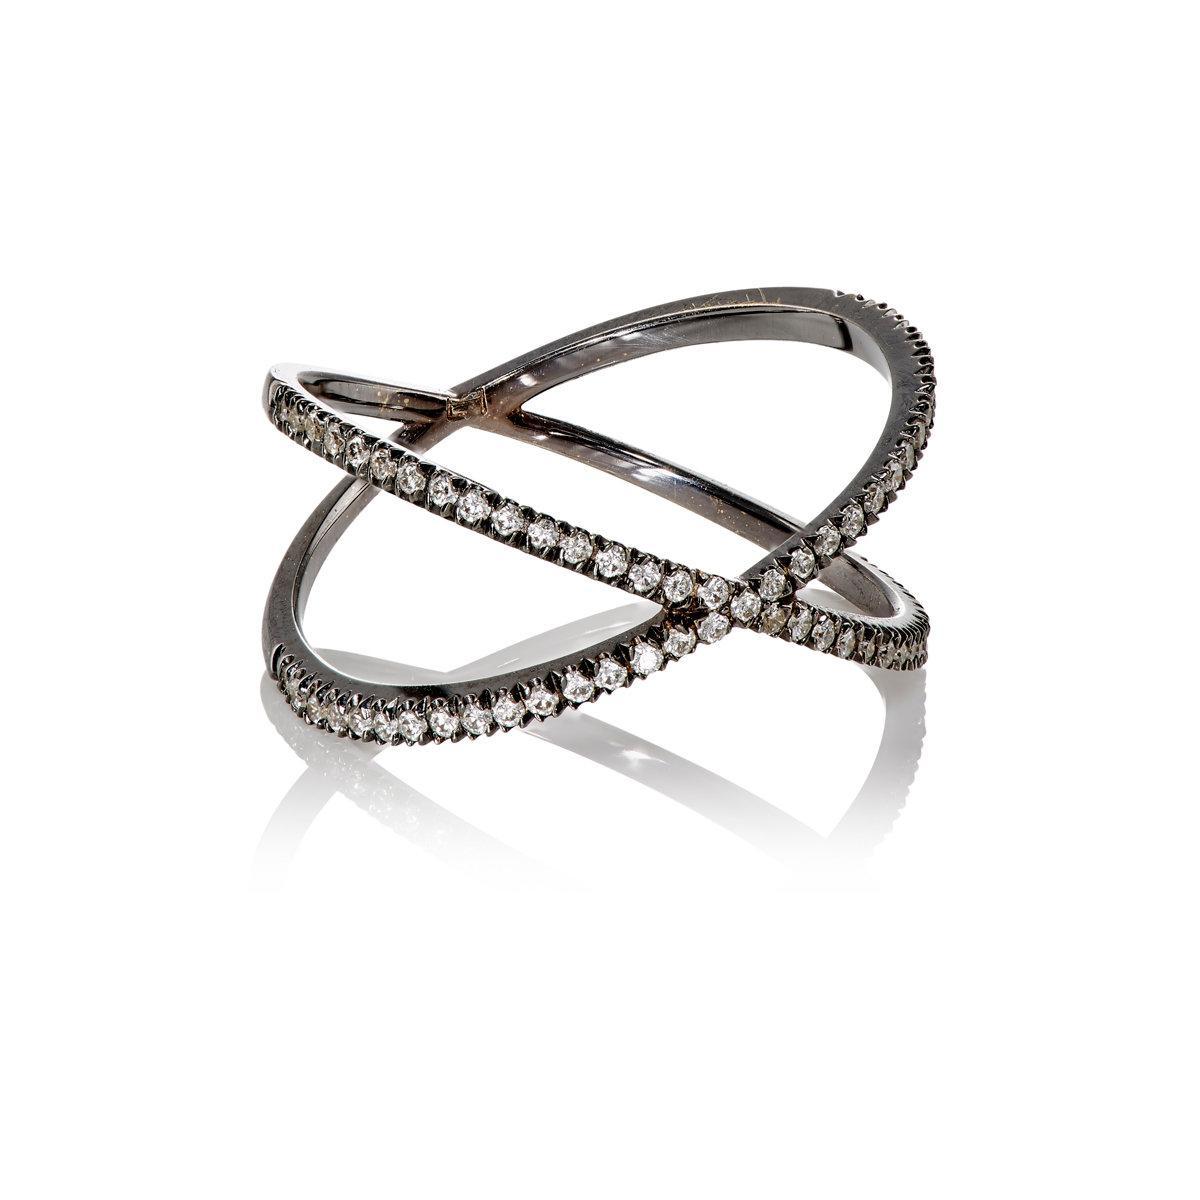 Eva Fehren The Fine Shorty ring - Metallic KjeY0yY